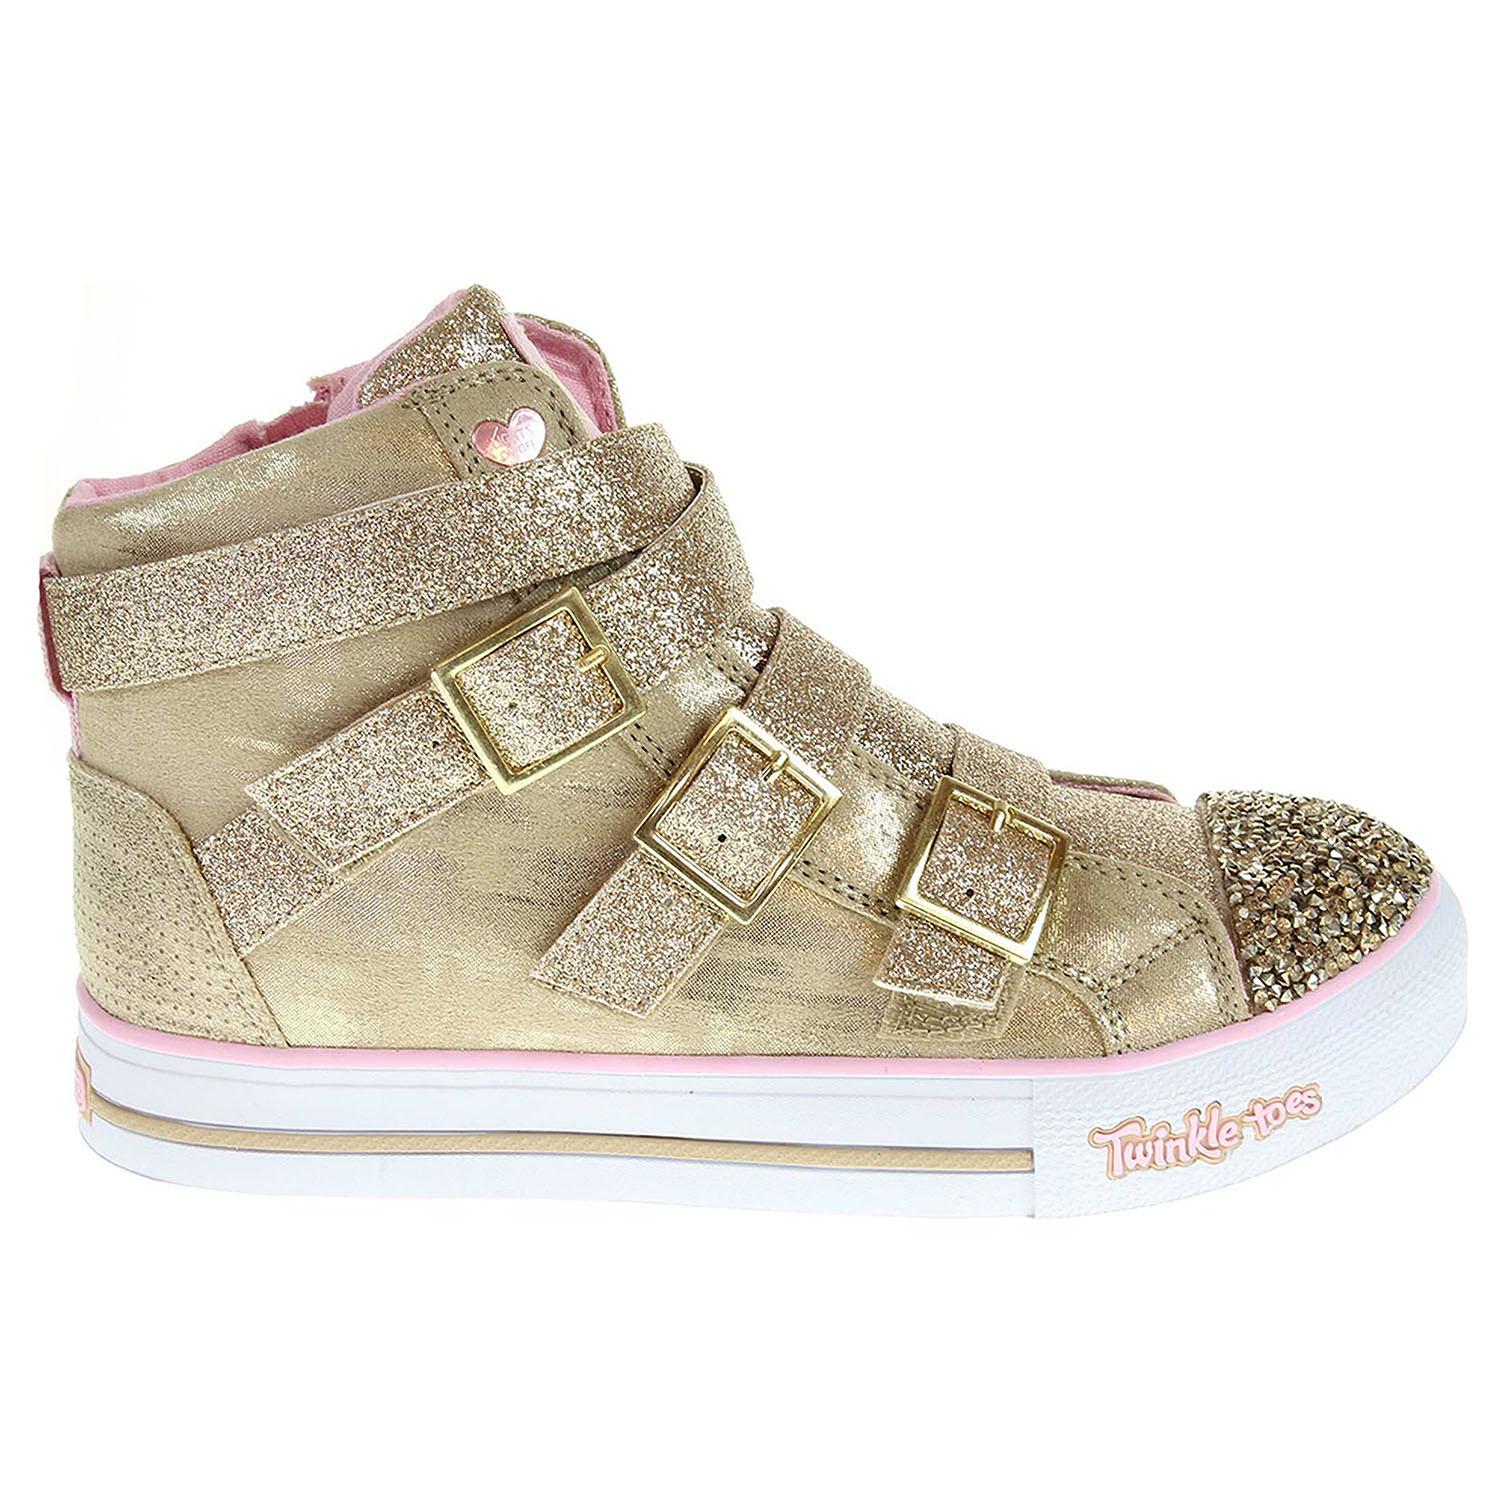 Skechers Crisscross Craze gold-pink 27